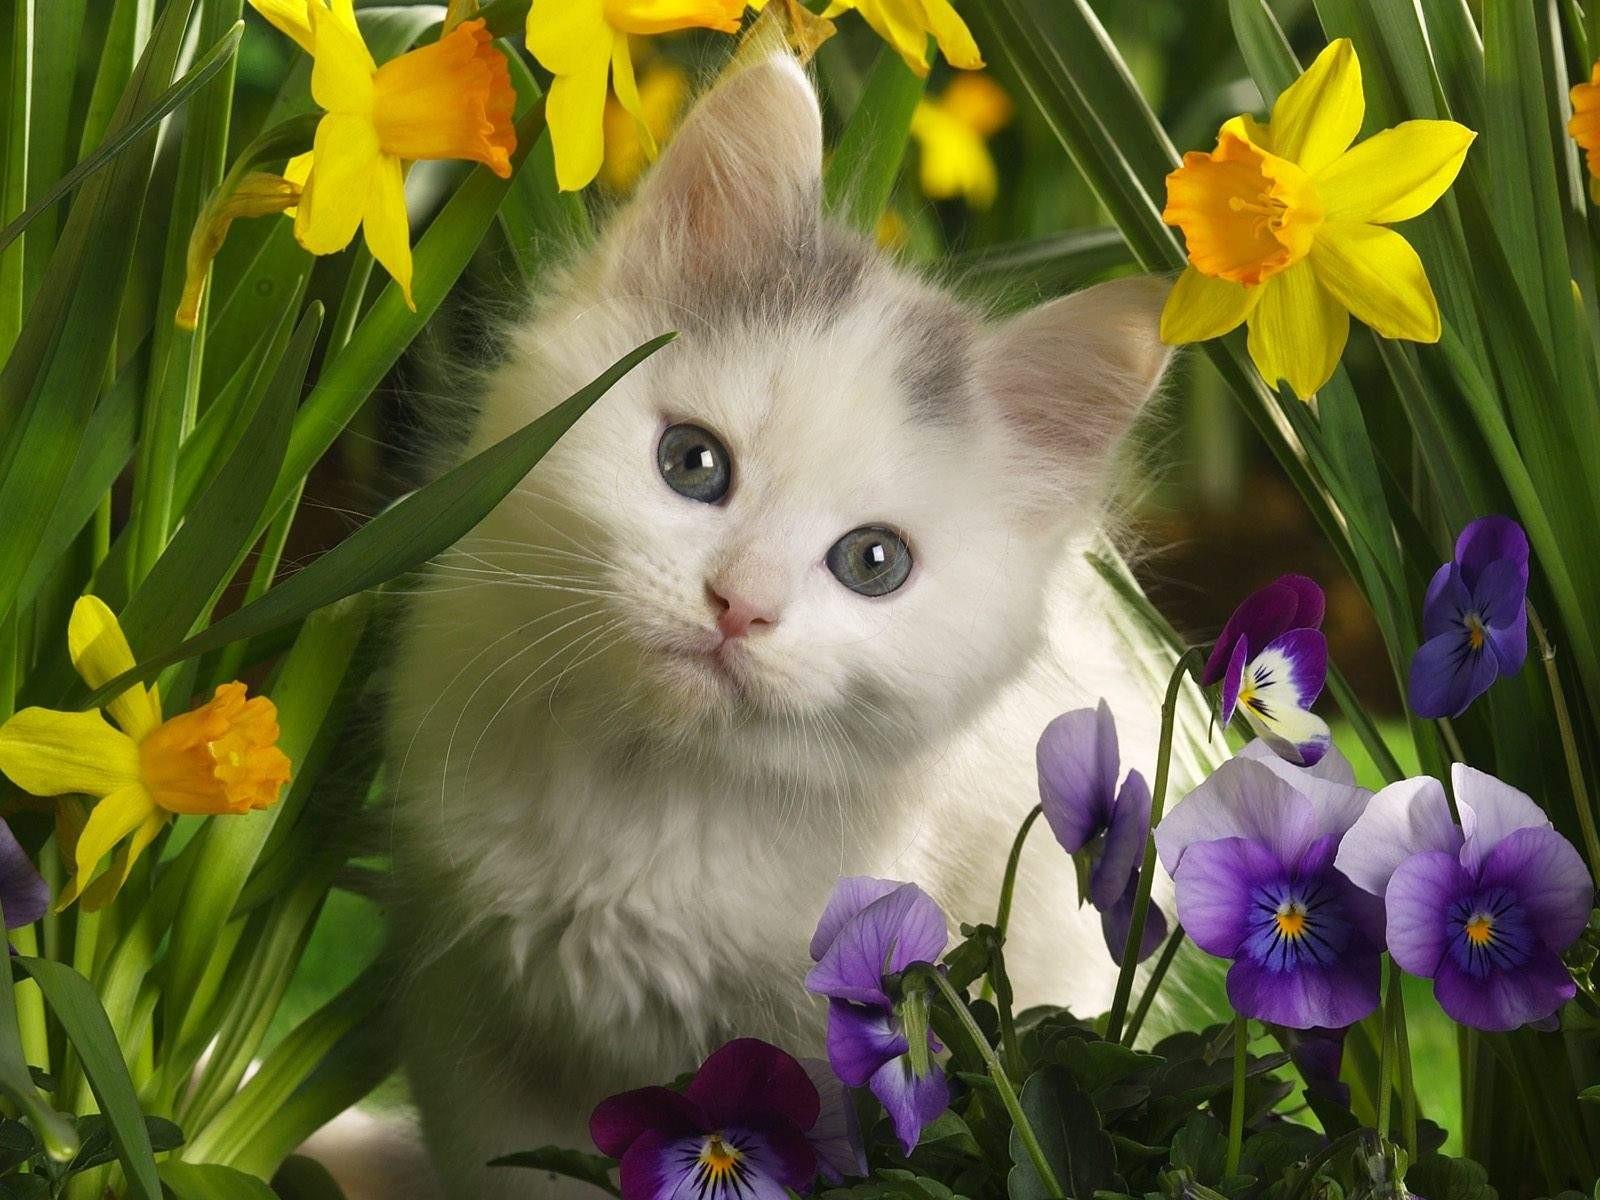 pic new posts Wallpaper Cats Desktop 1600x1200